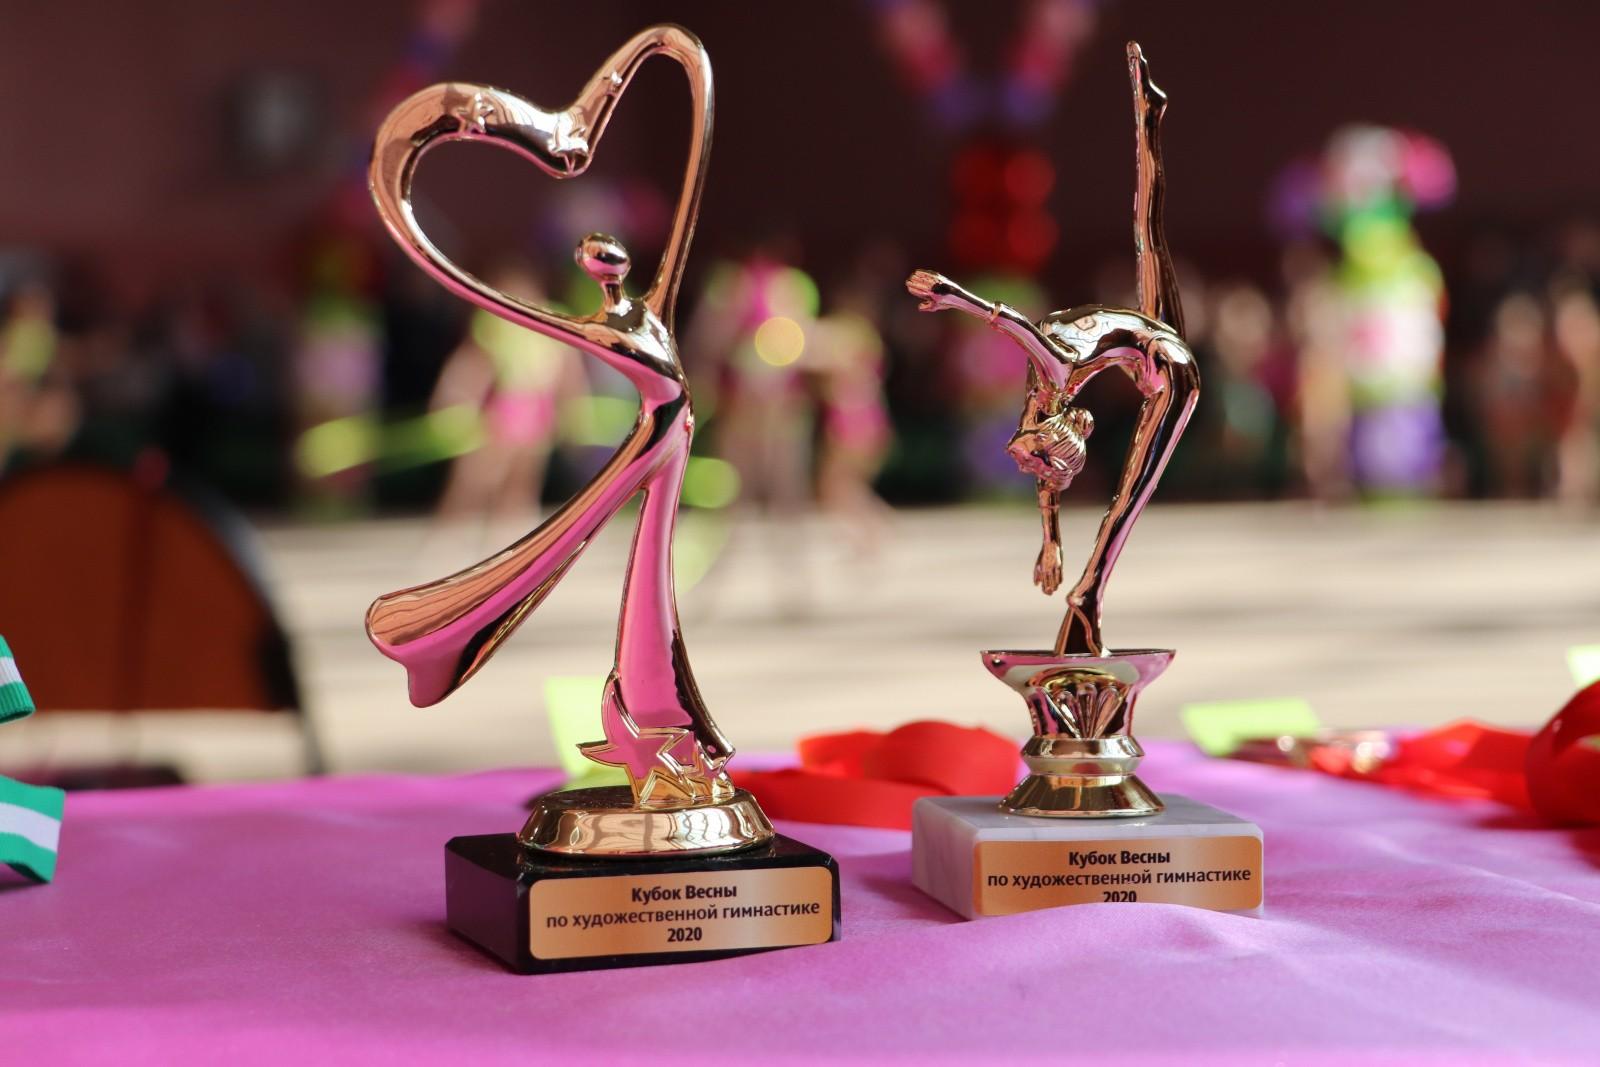 Традиционные соревнования по художественной гимнастике «Кубок Весны»